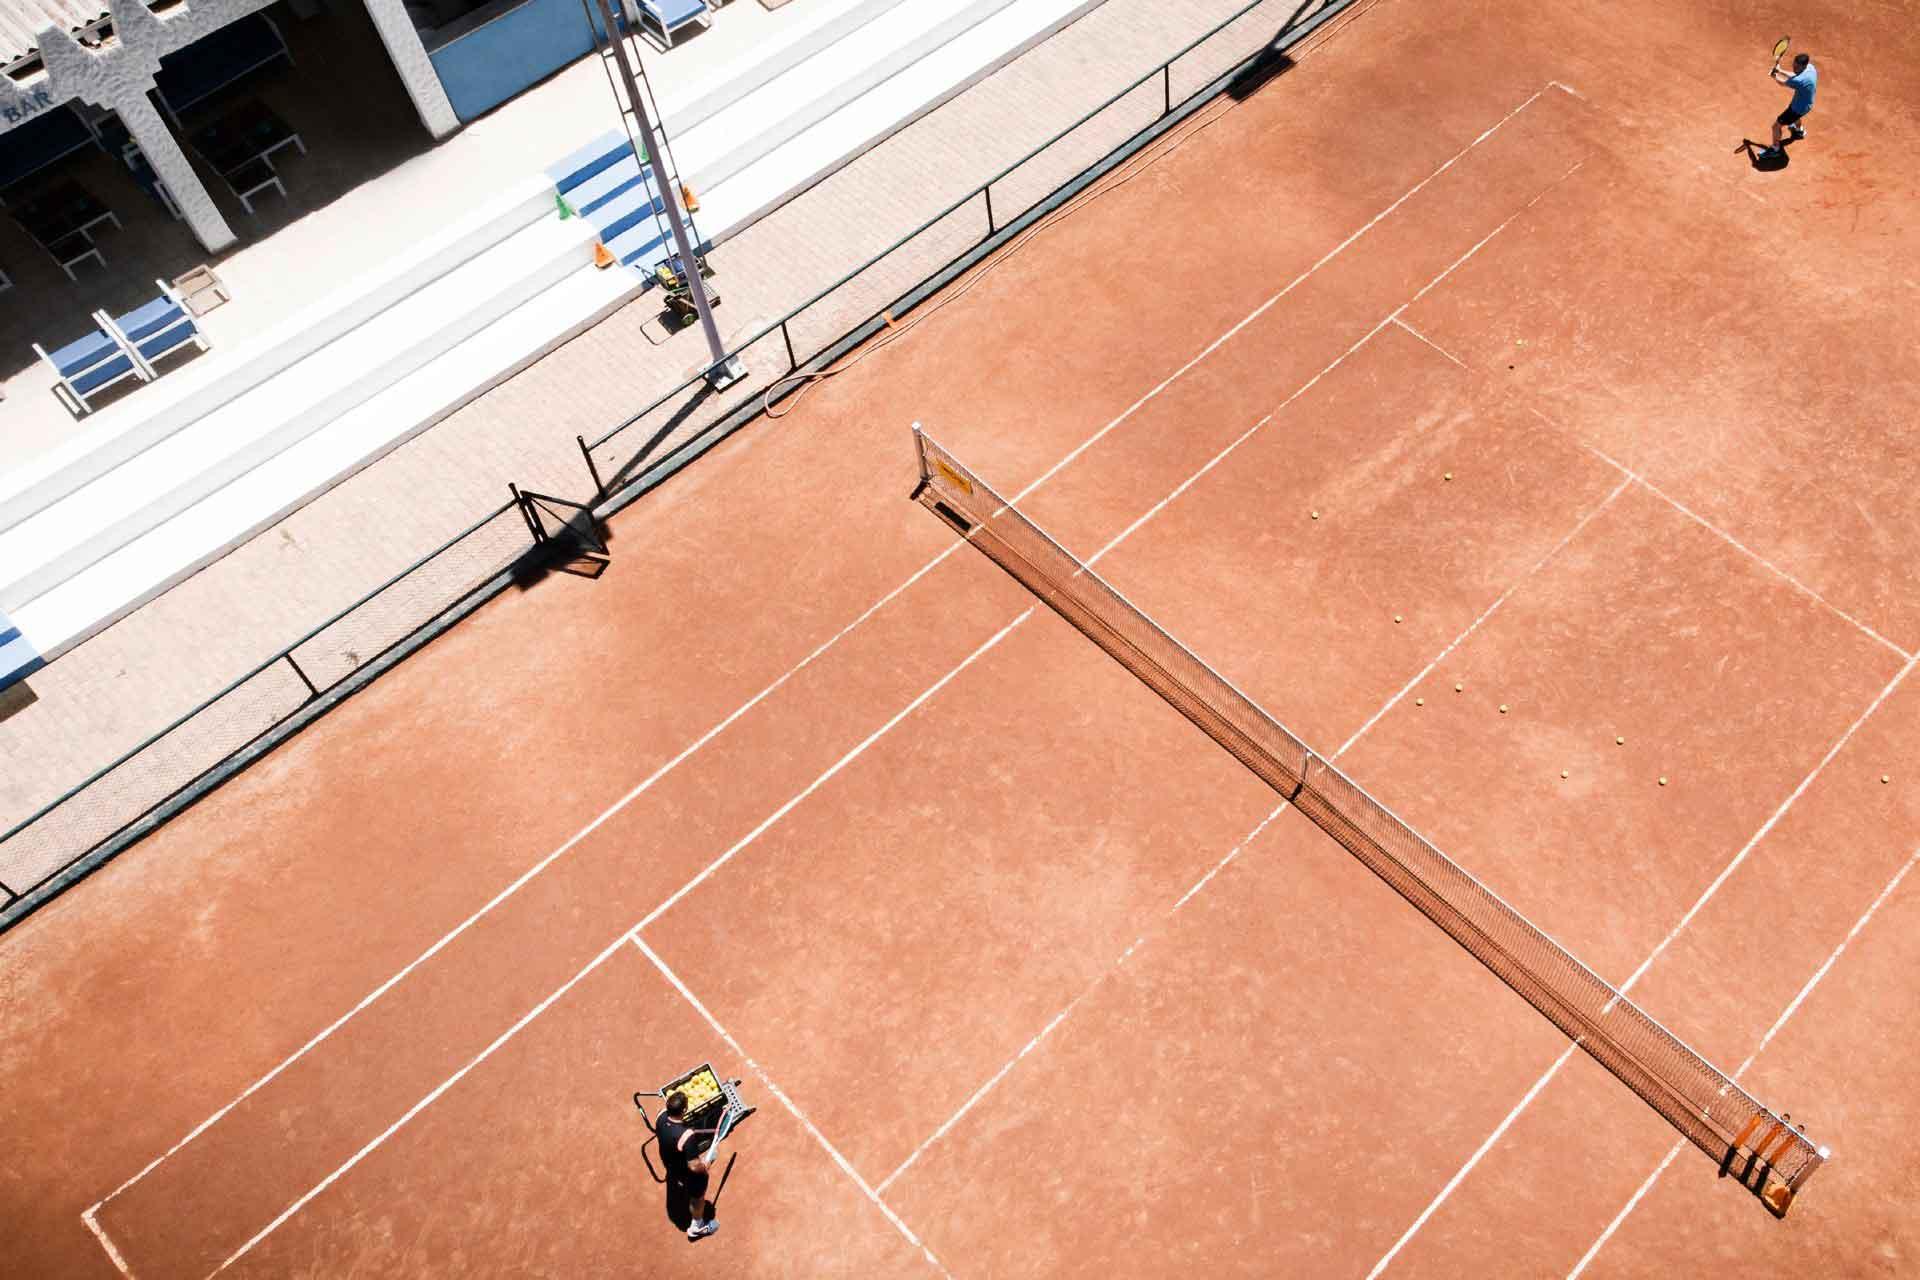 ROBINSON CLUB DJERBA BAHIYA - Tennis